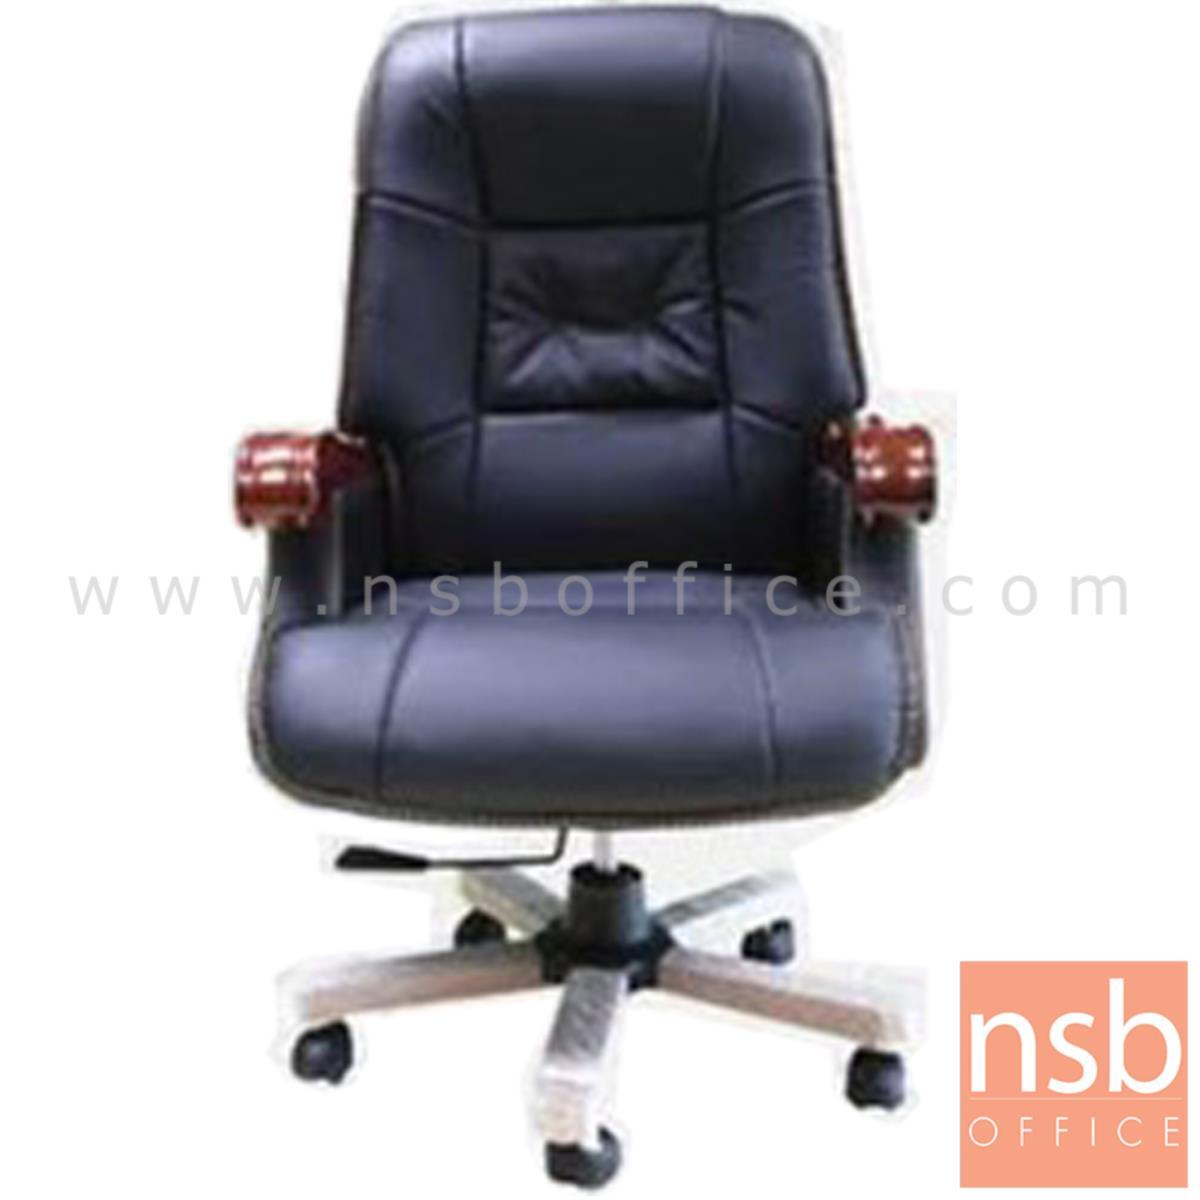 B25A138:เก้าอี้ผู้บริหารหนัง PU  รุ่น FLAME (เฟลม)  โช๊คแก๊ส ขาเหล็ก